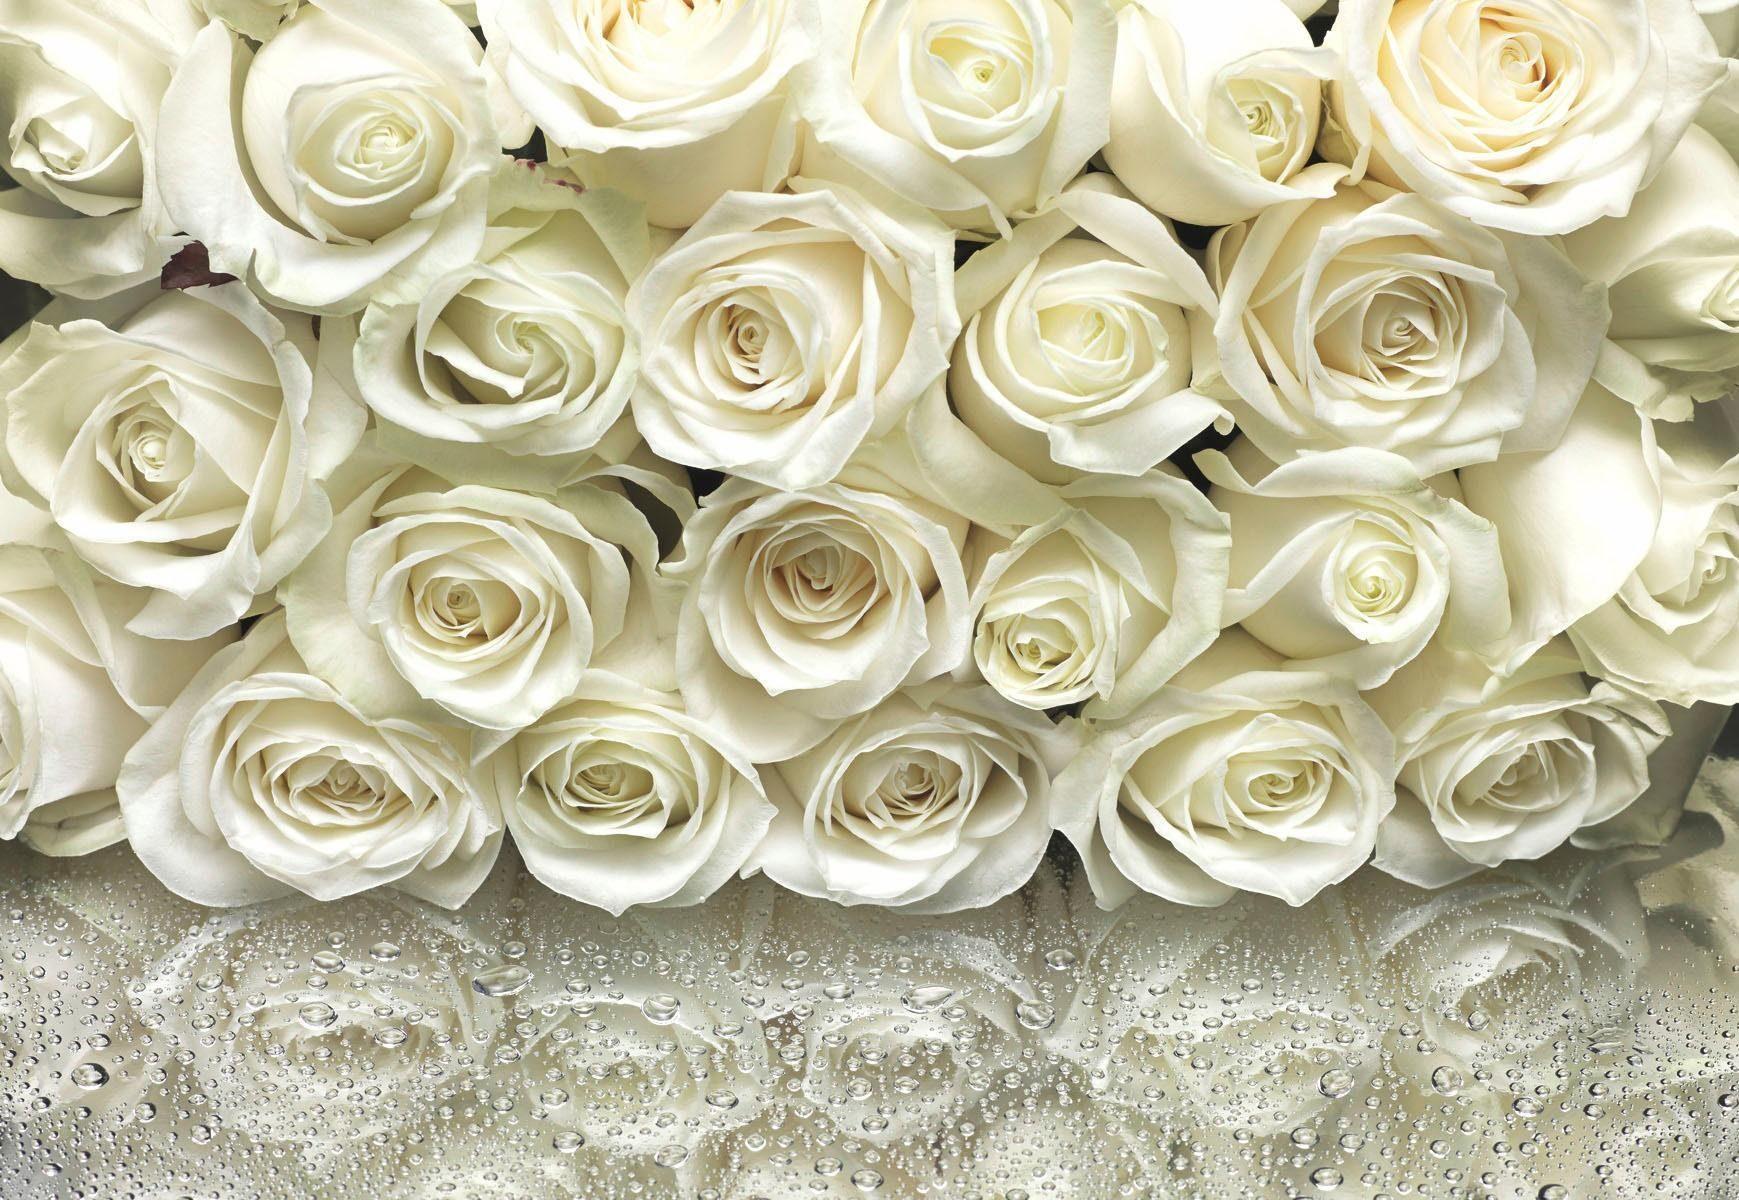 Home affaire Fototapete »A La Rose«, 368/254 cm